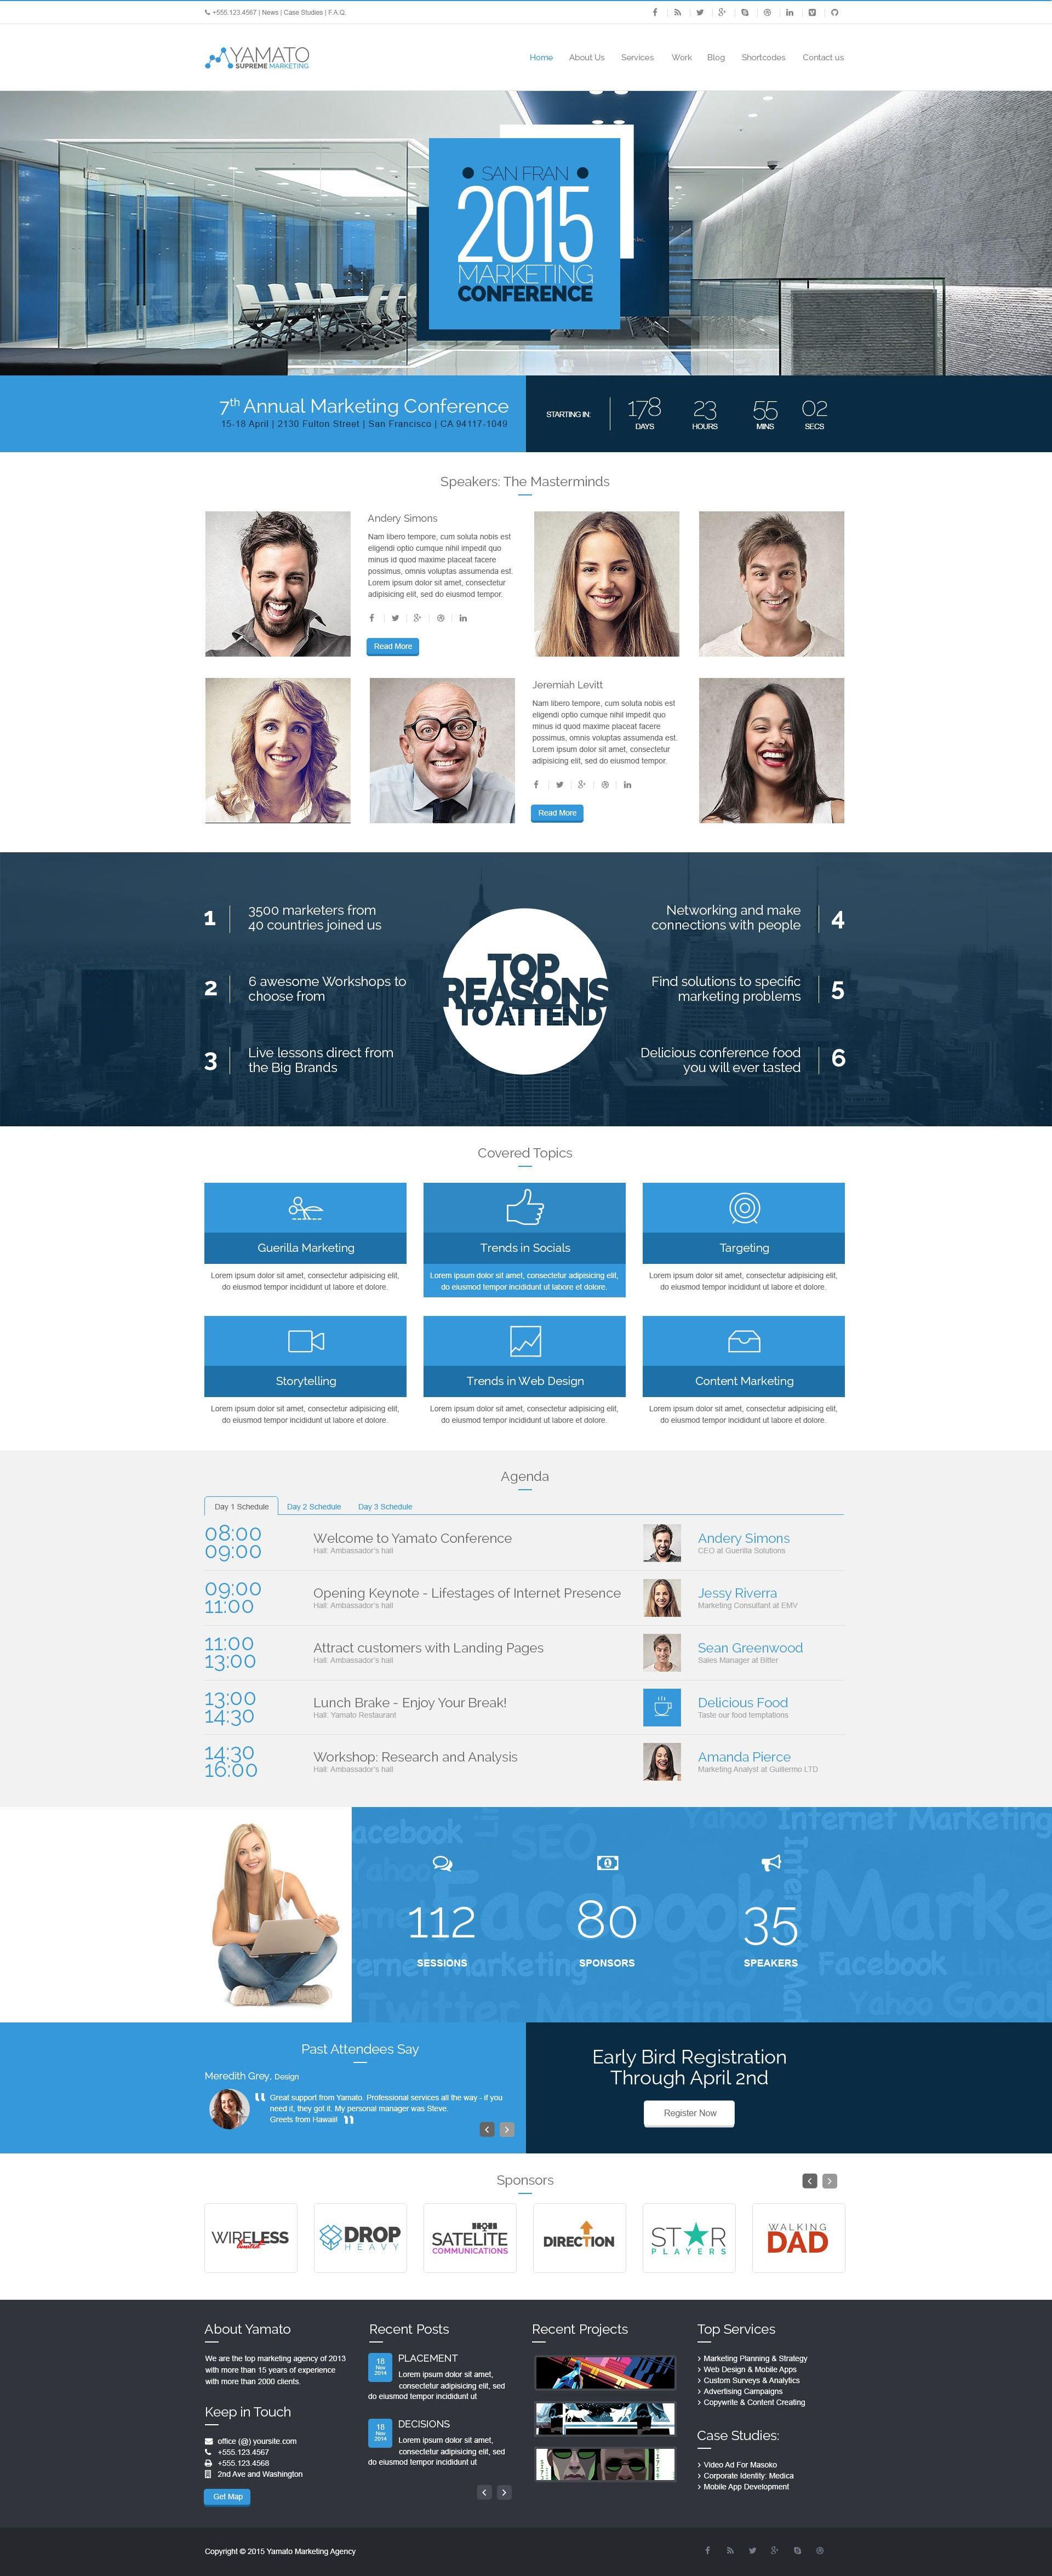 YAMATO - Corporate Marketing WordPress Theme - 8